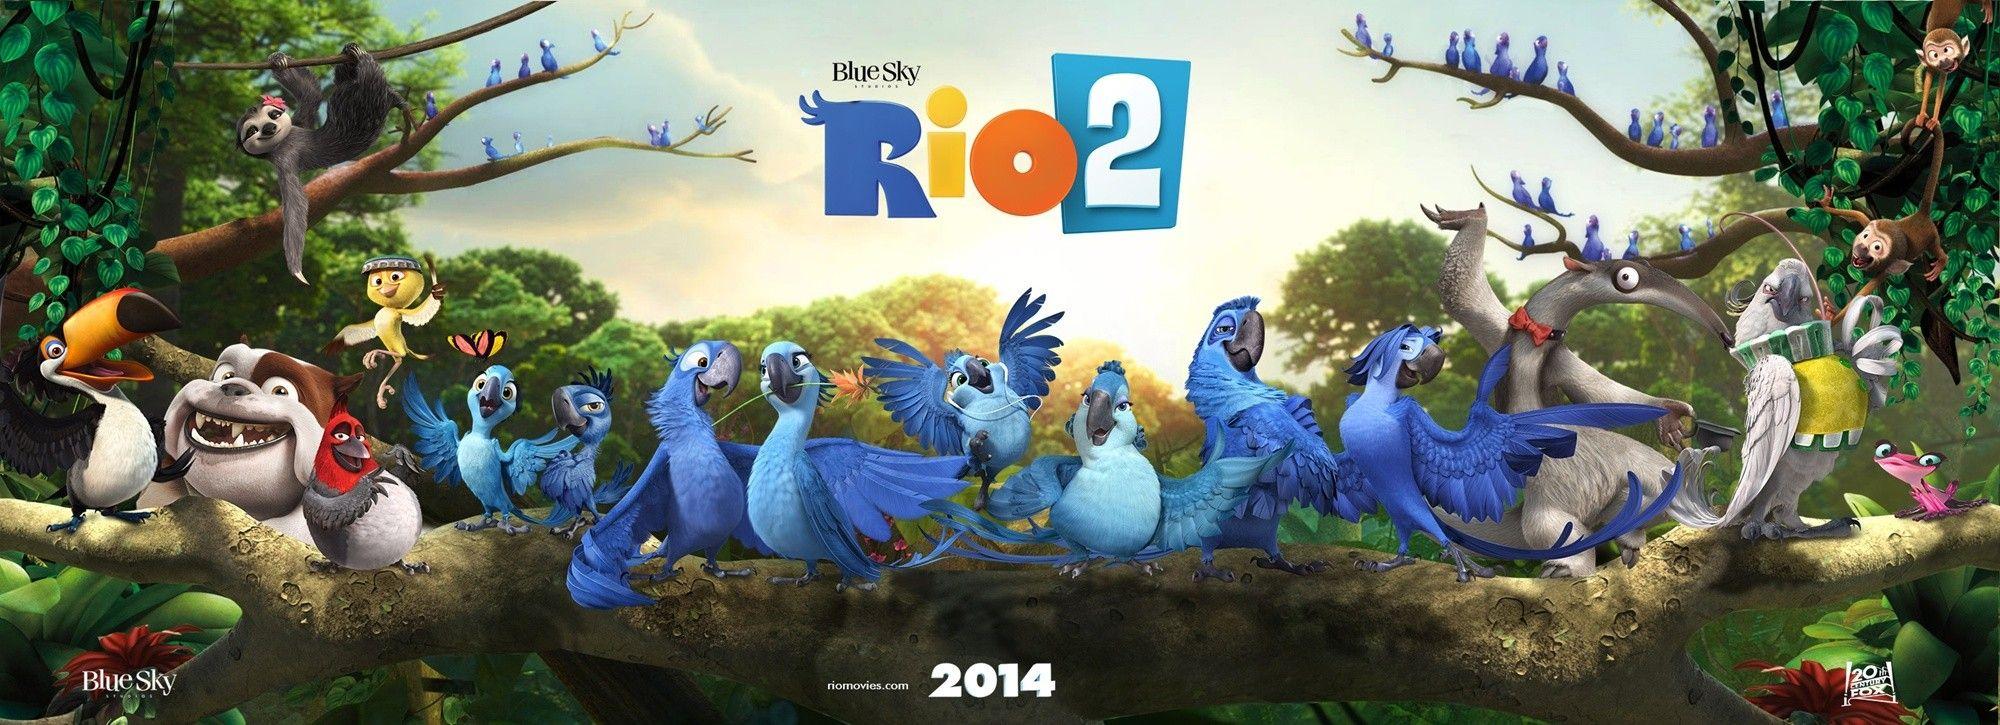 filme: rio 2 (2014) | pinterest